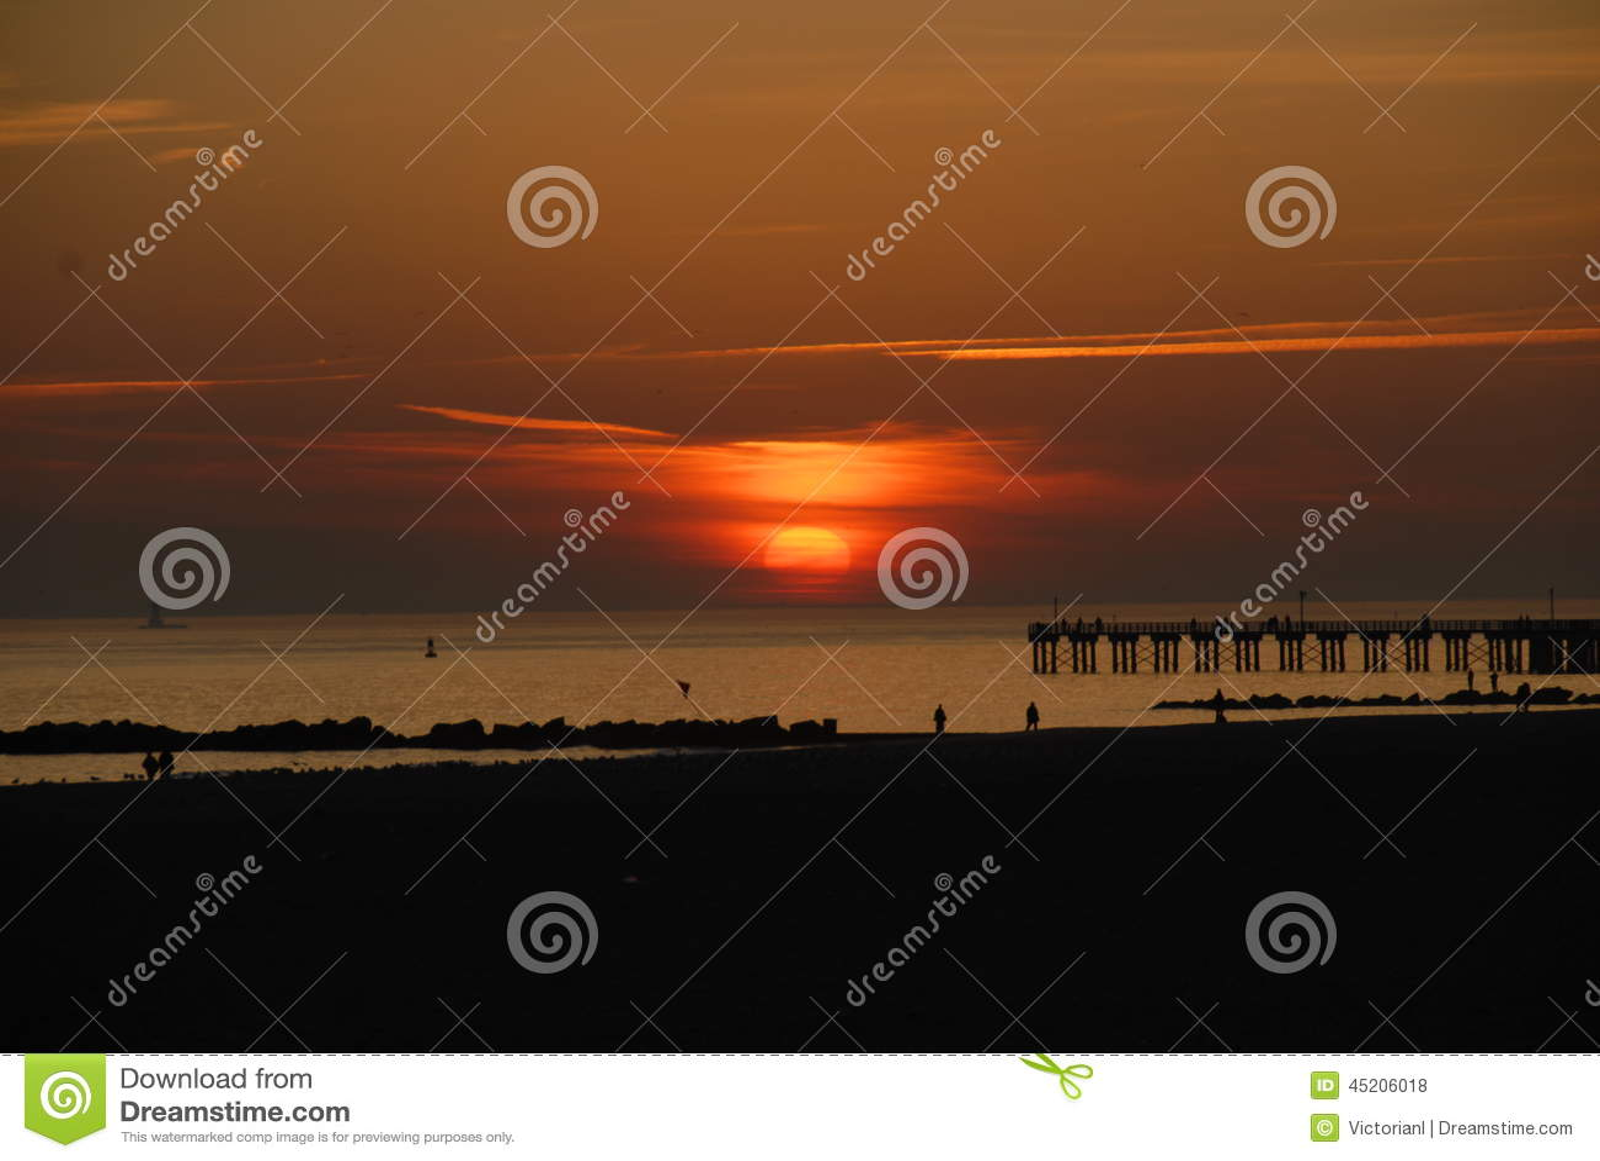 Sunset from Brighton Beach, New York City